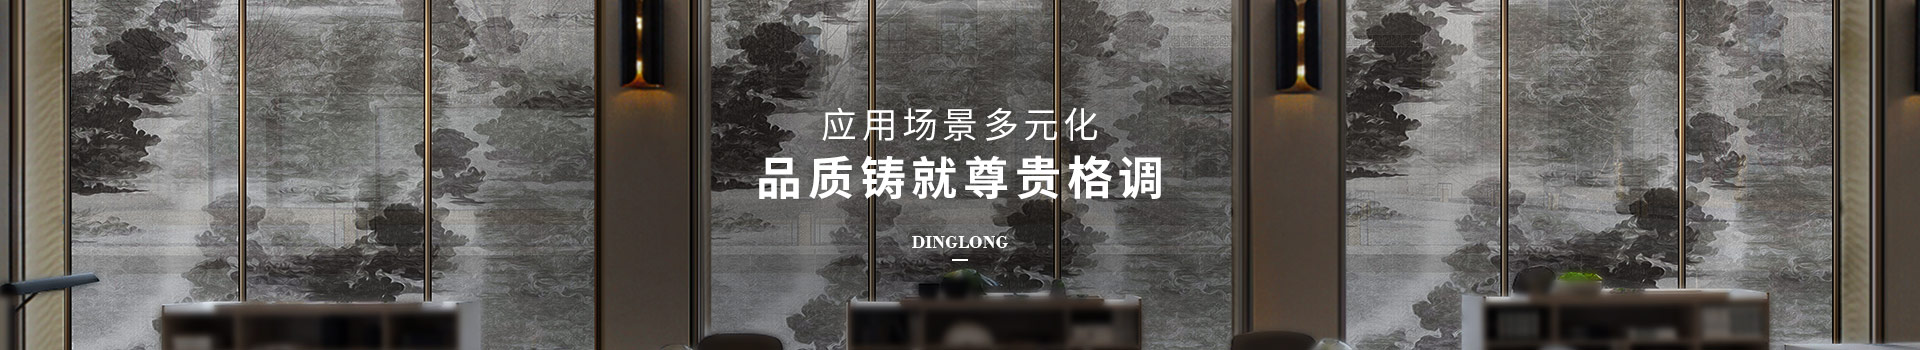 苏州鼎隆-应用场景多元化,品质铸就尊贵格调